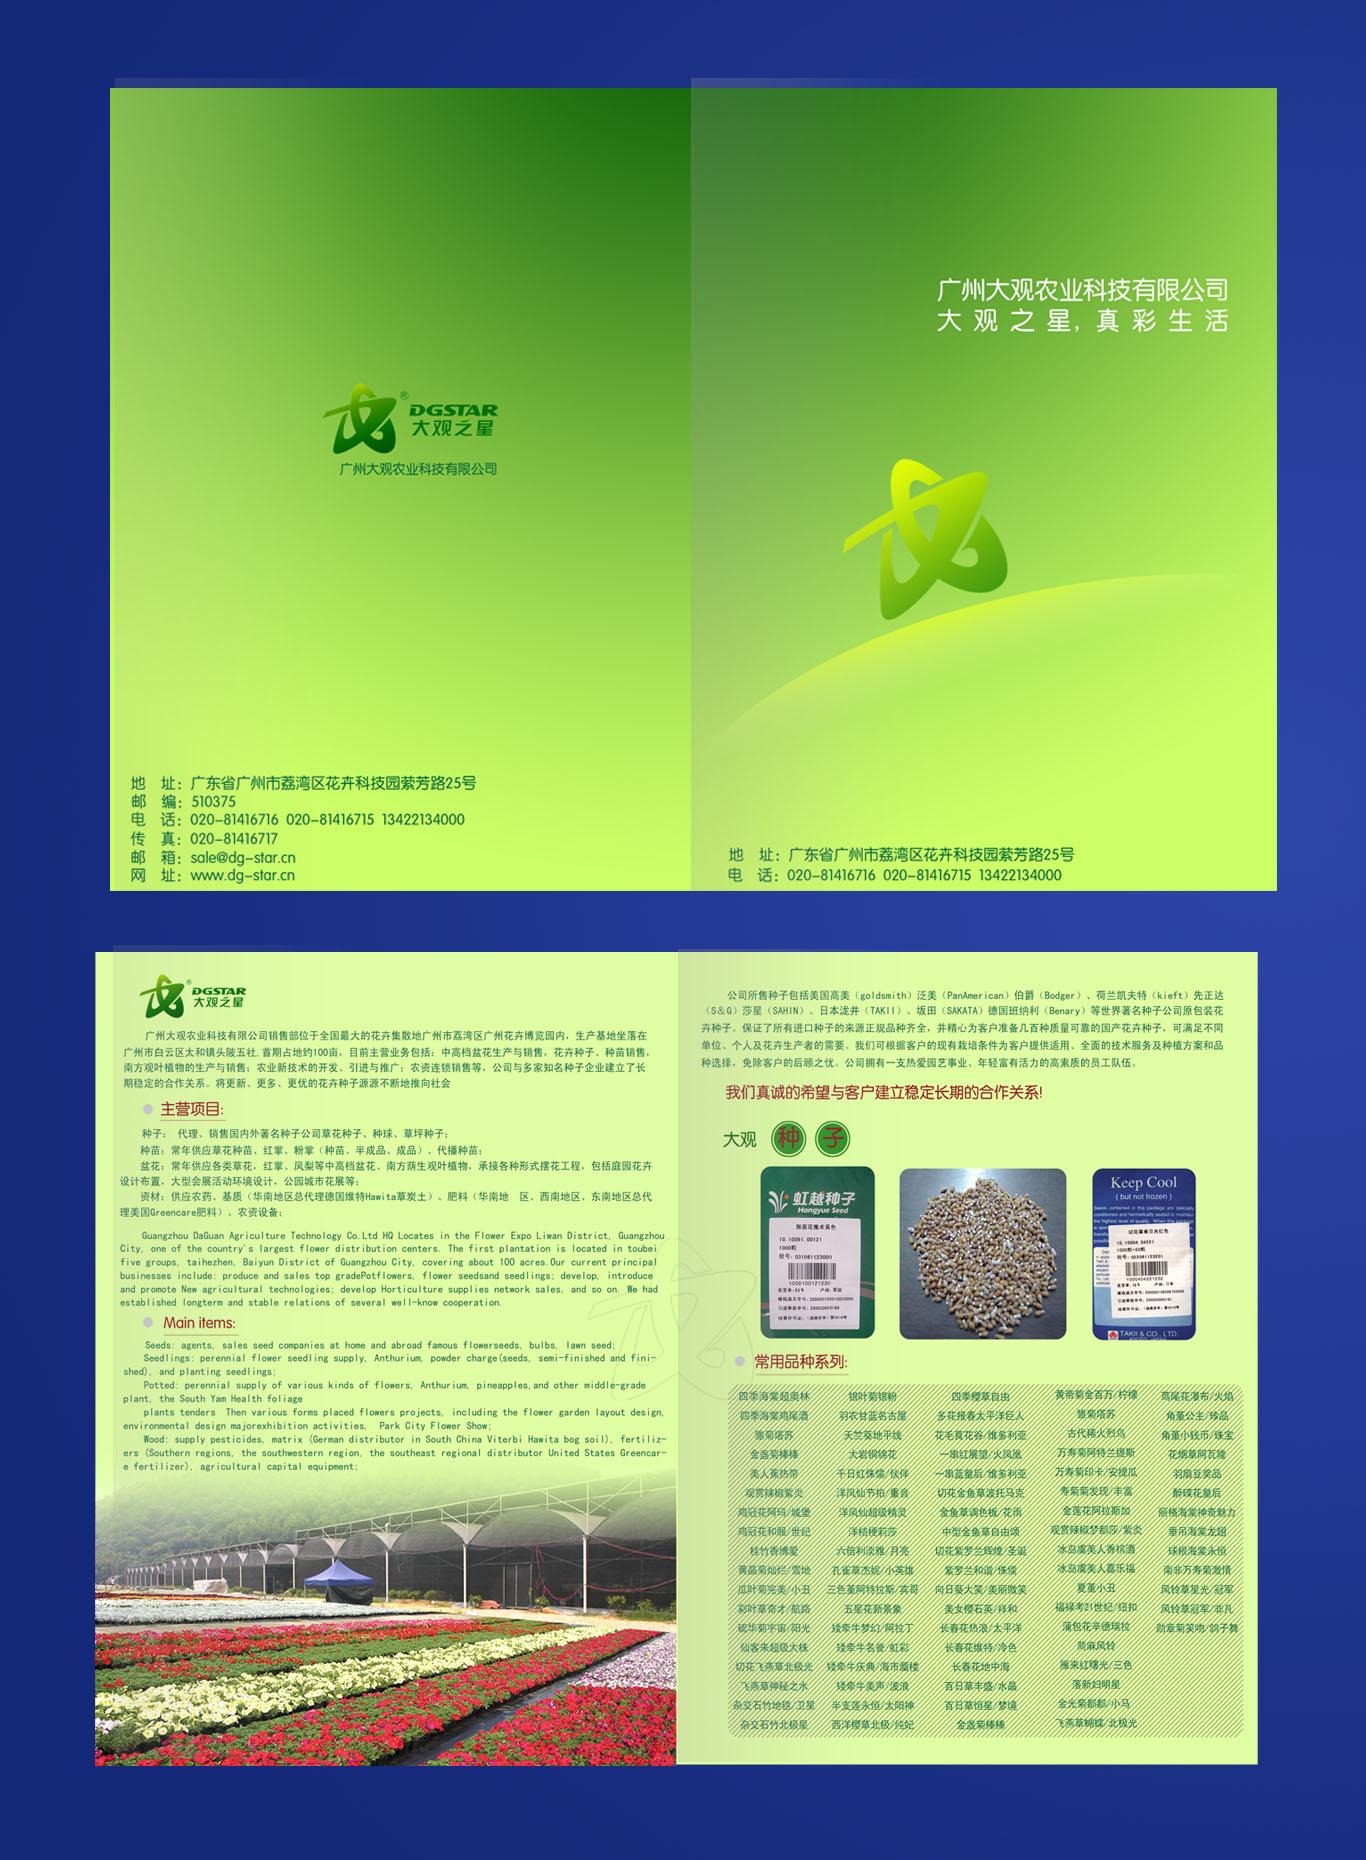 广州大观之星宣传册排版设计